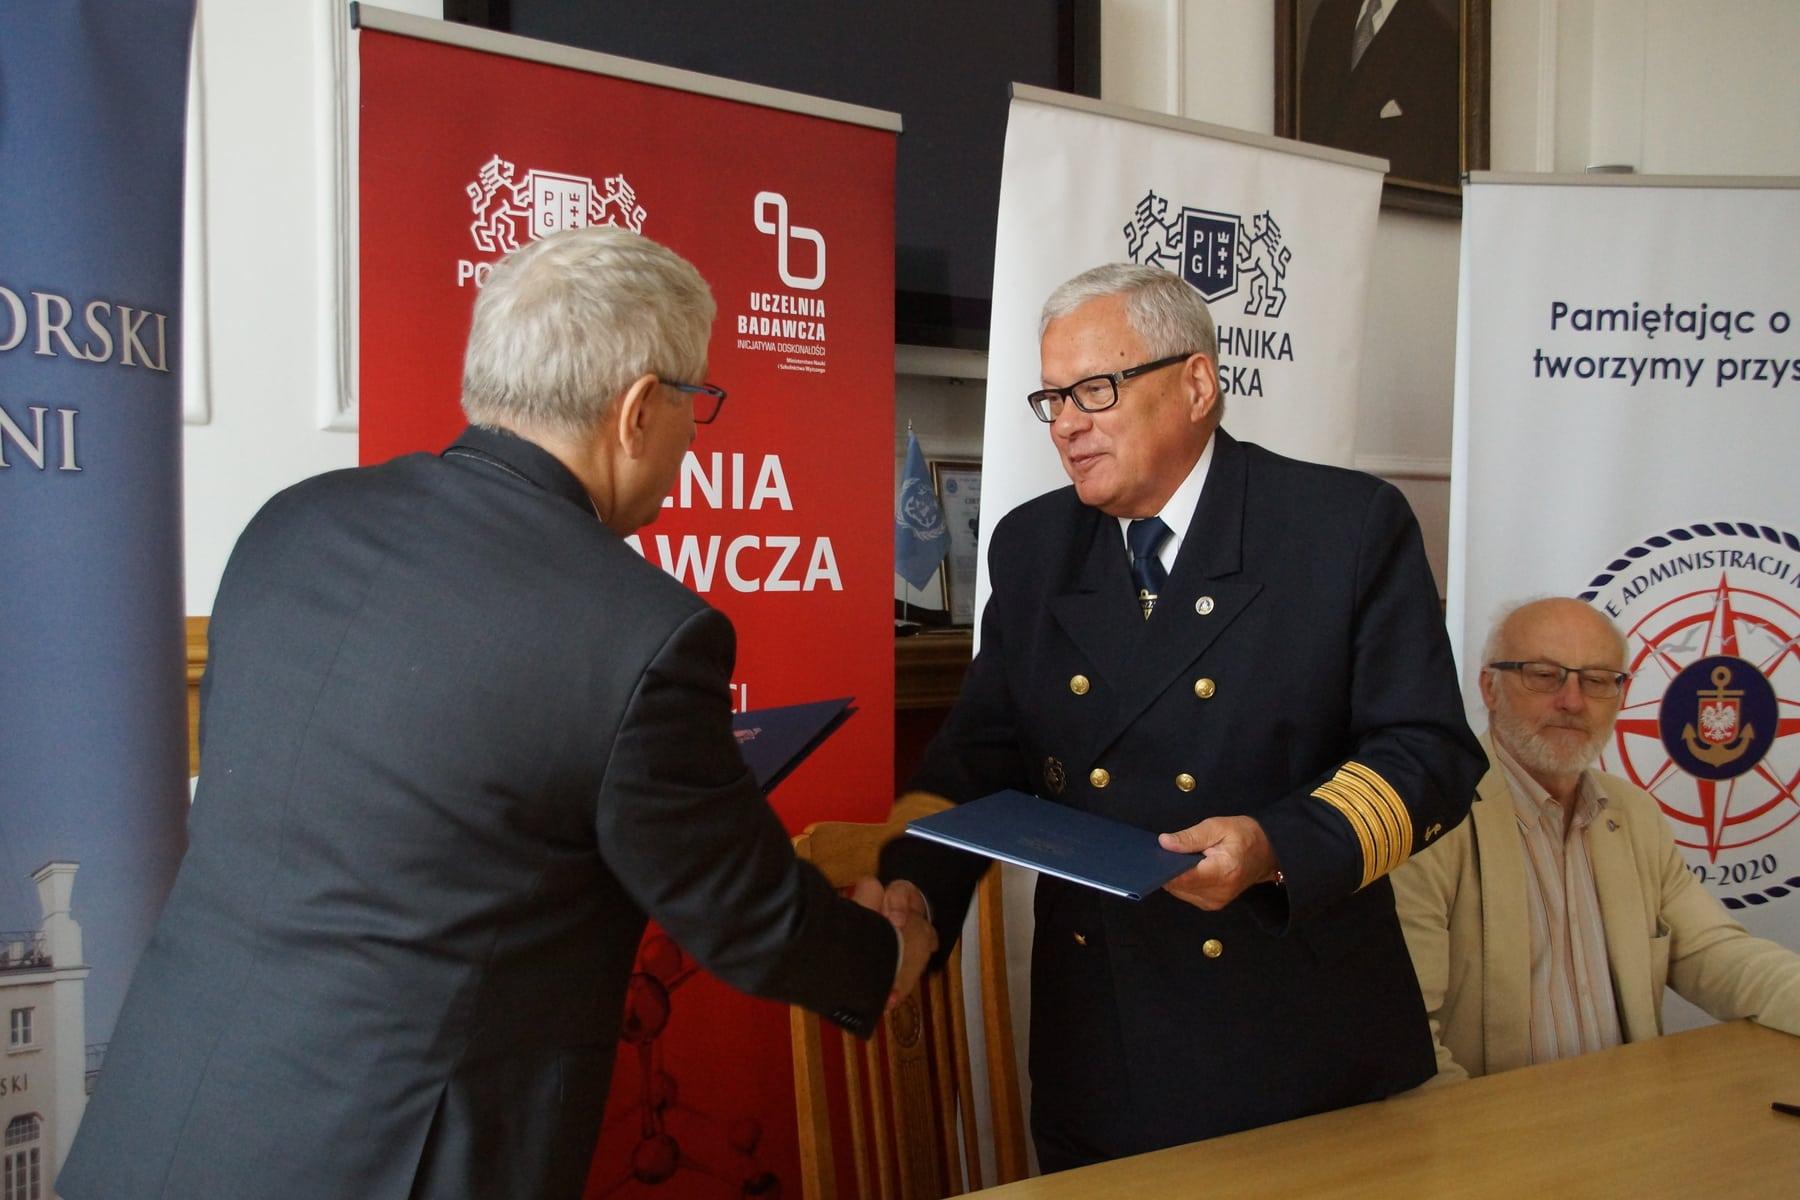 Od lewej: prof. Jerzy Wtorek, Dziekan WETI PG; kpt. ż.w. Wiesław Piotrzkowski, Dyrektor UMGDY; Andrzej Kajut, Główny Księgowy, UMGDY